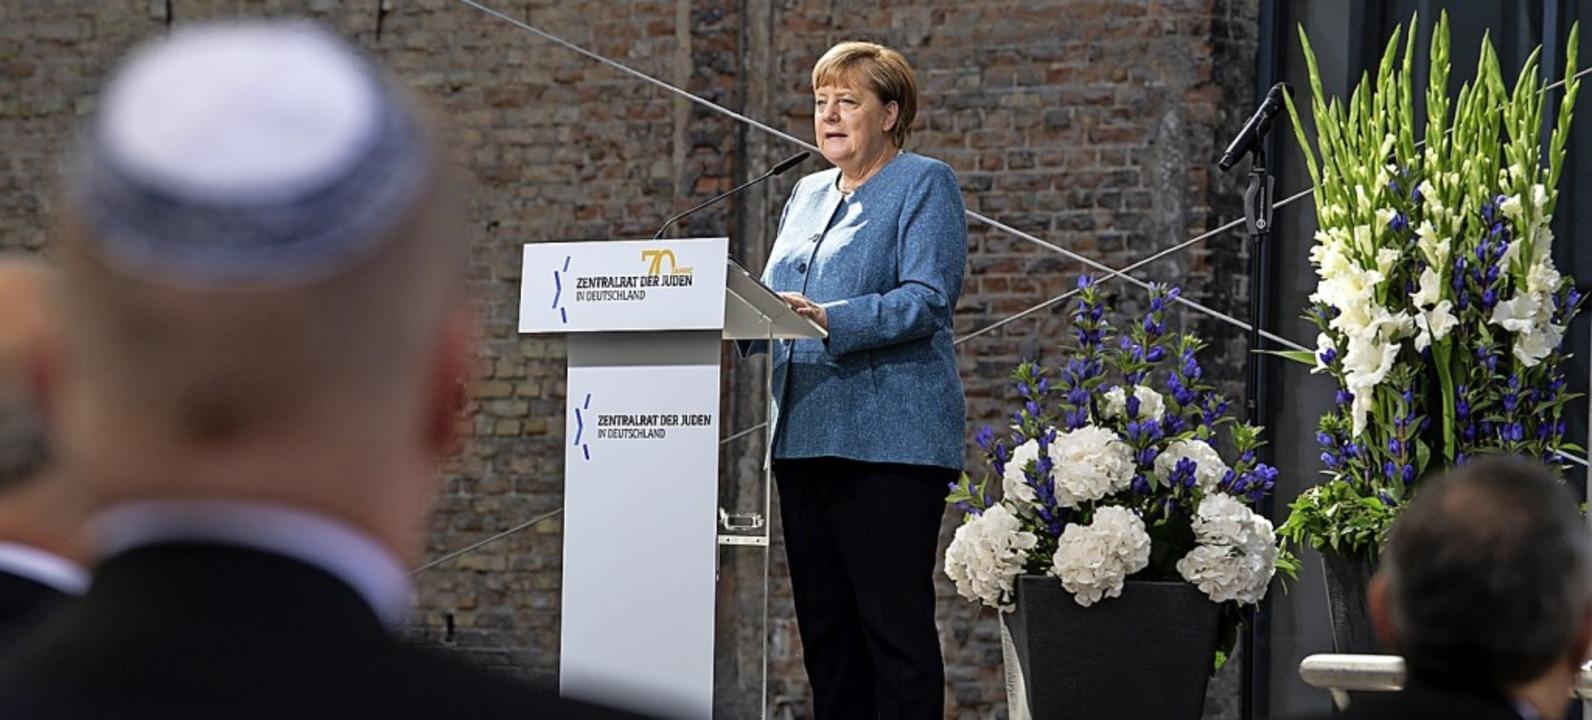 Angela Merkel beim Festakt des Zentralrats der Juden  | Foto: Bernd von Jutrczenka (dpa)